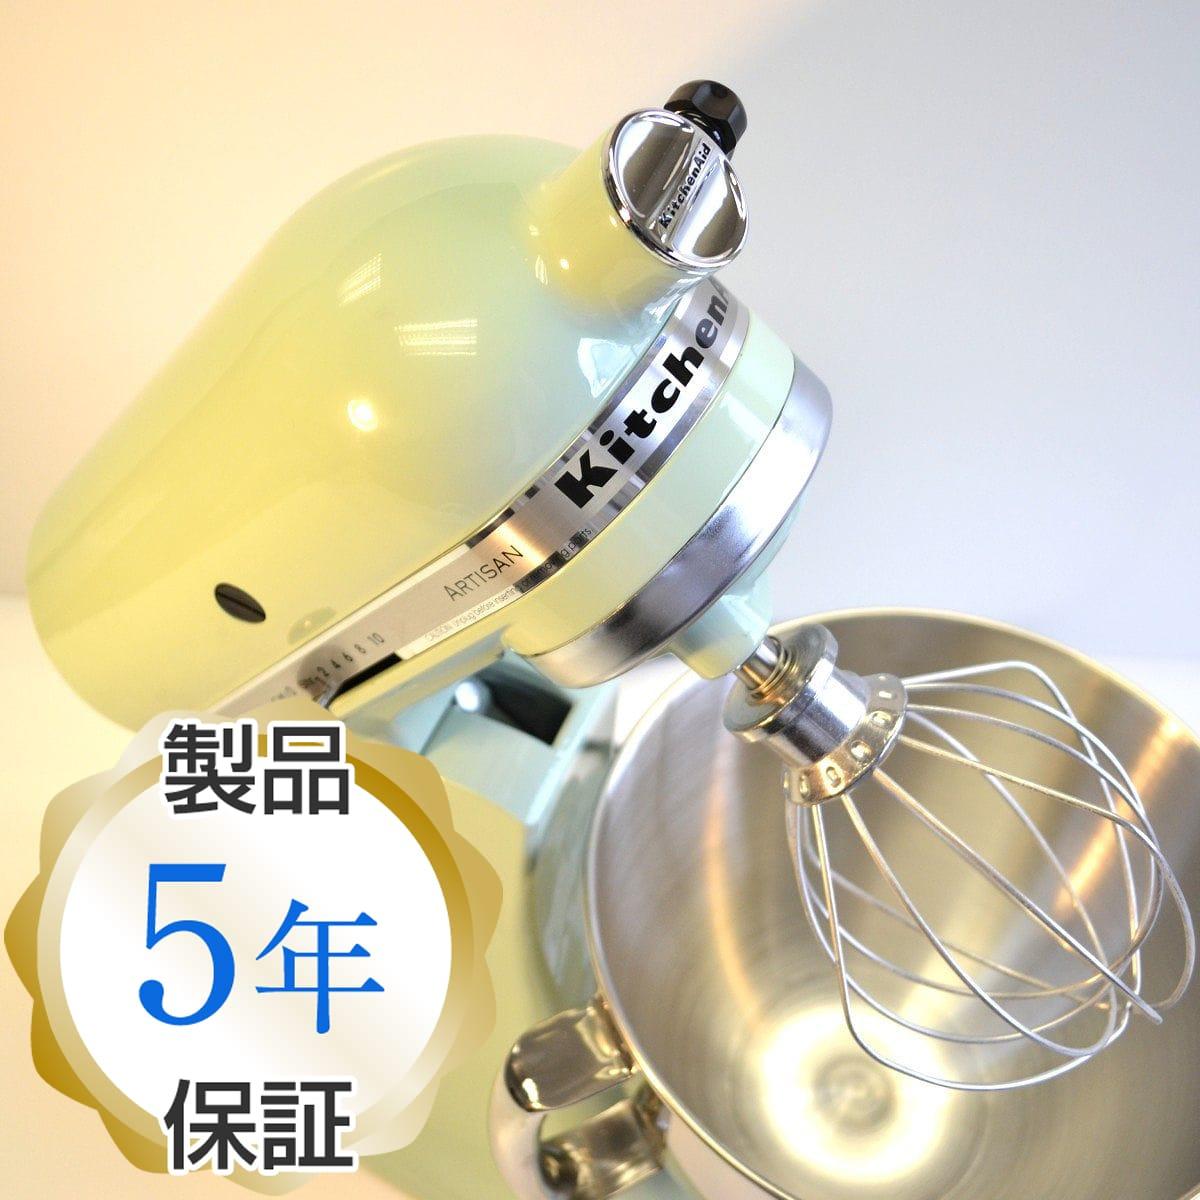 キッチンエイド スタンドミキサー アルチザン 4.8L ピスタチオ グリーン KitchenAid Artisan 5-Quart Stand Mixers KSM150PSPT Pistachio 【日本語説明書付】 家電